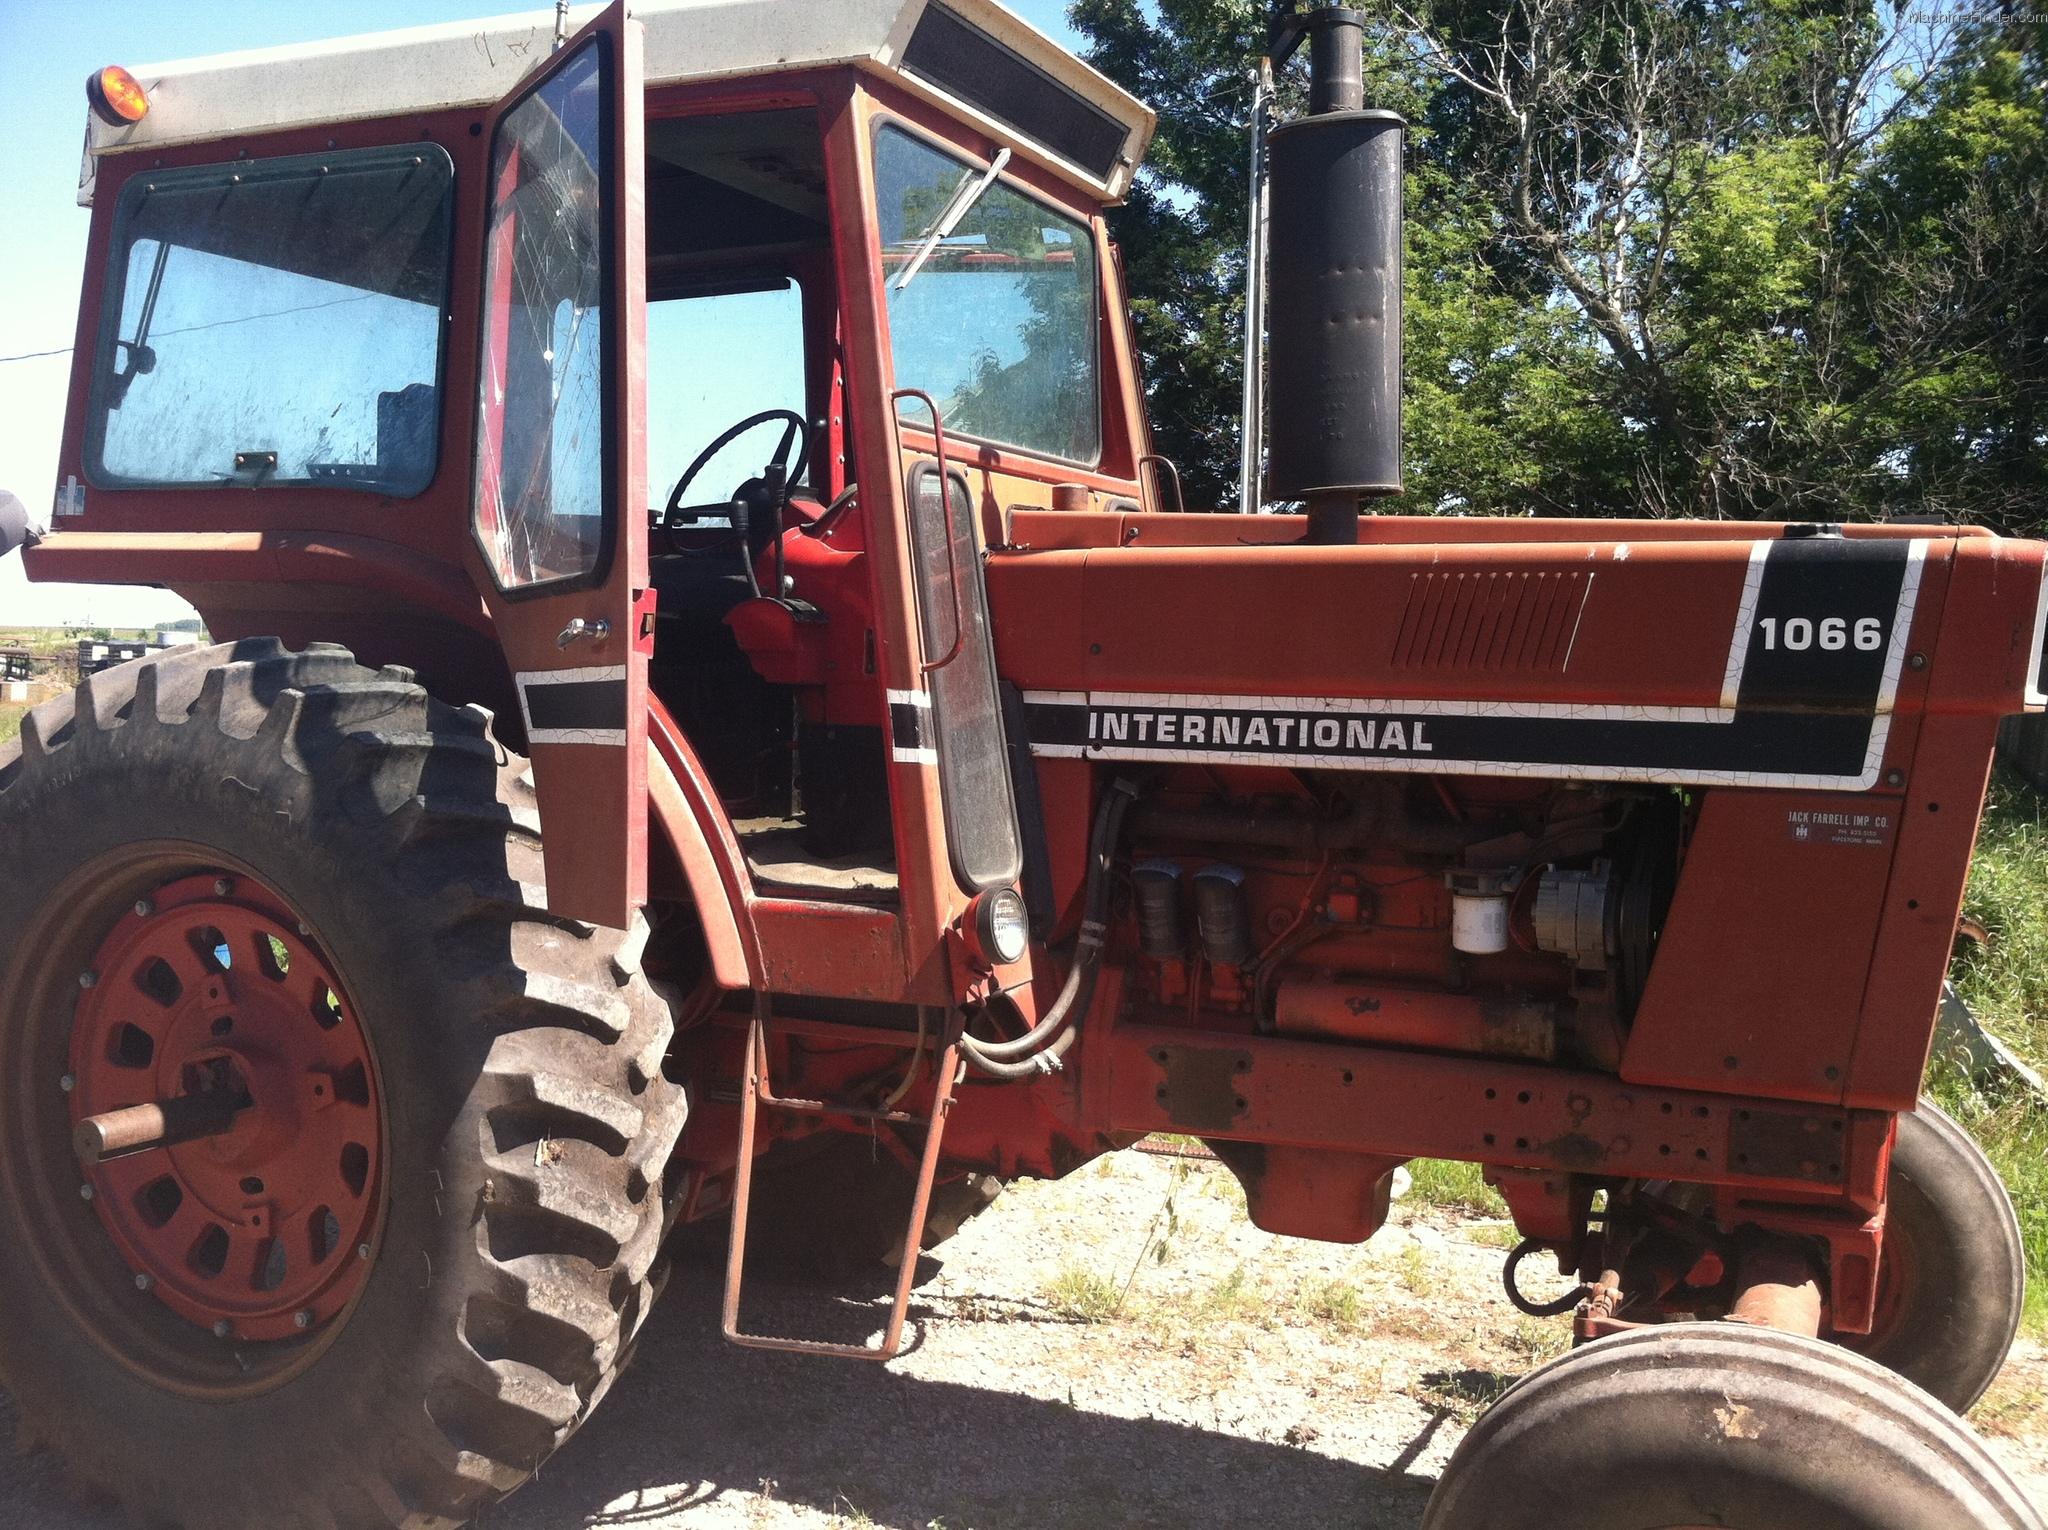 1976 International Harvester 1066 Tractors - Row Crop ...